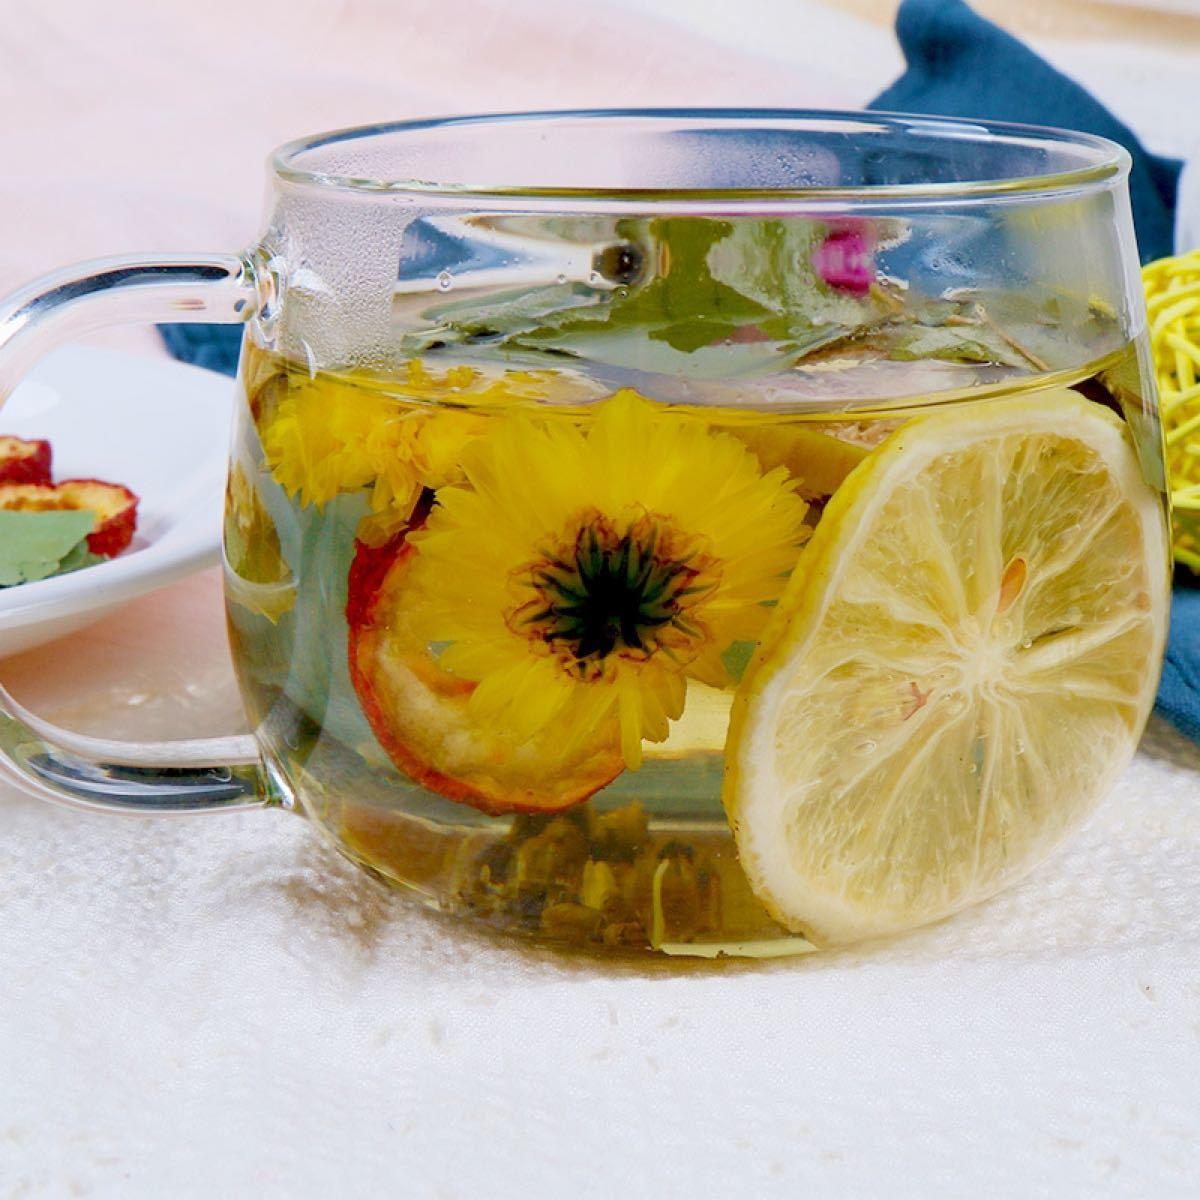 レモン蓮の葉ティー 健康薬膳茶 漢方茶 美容茶 ハーブティー 花茶 中国茶